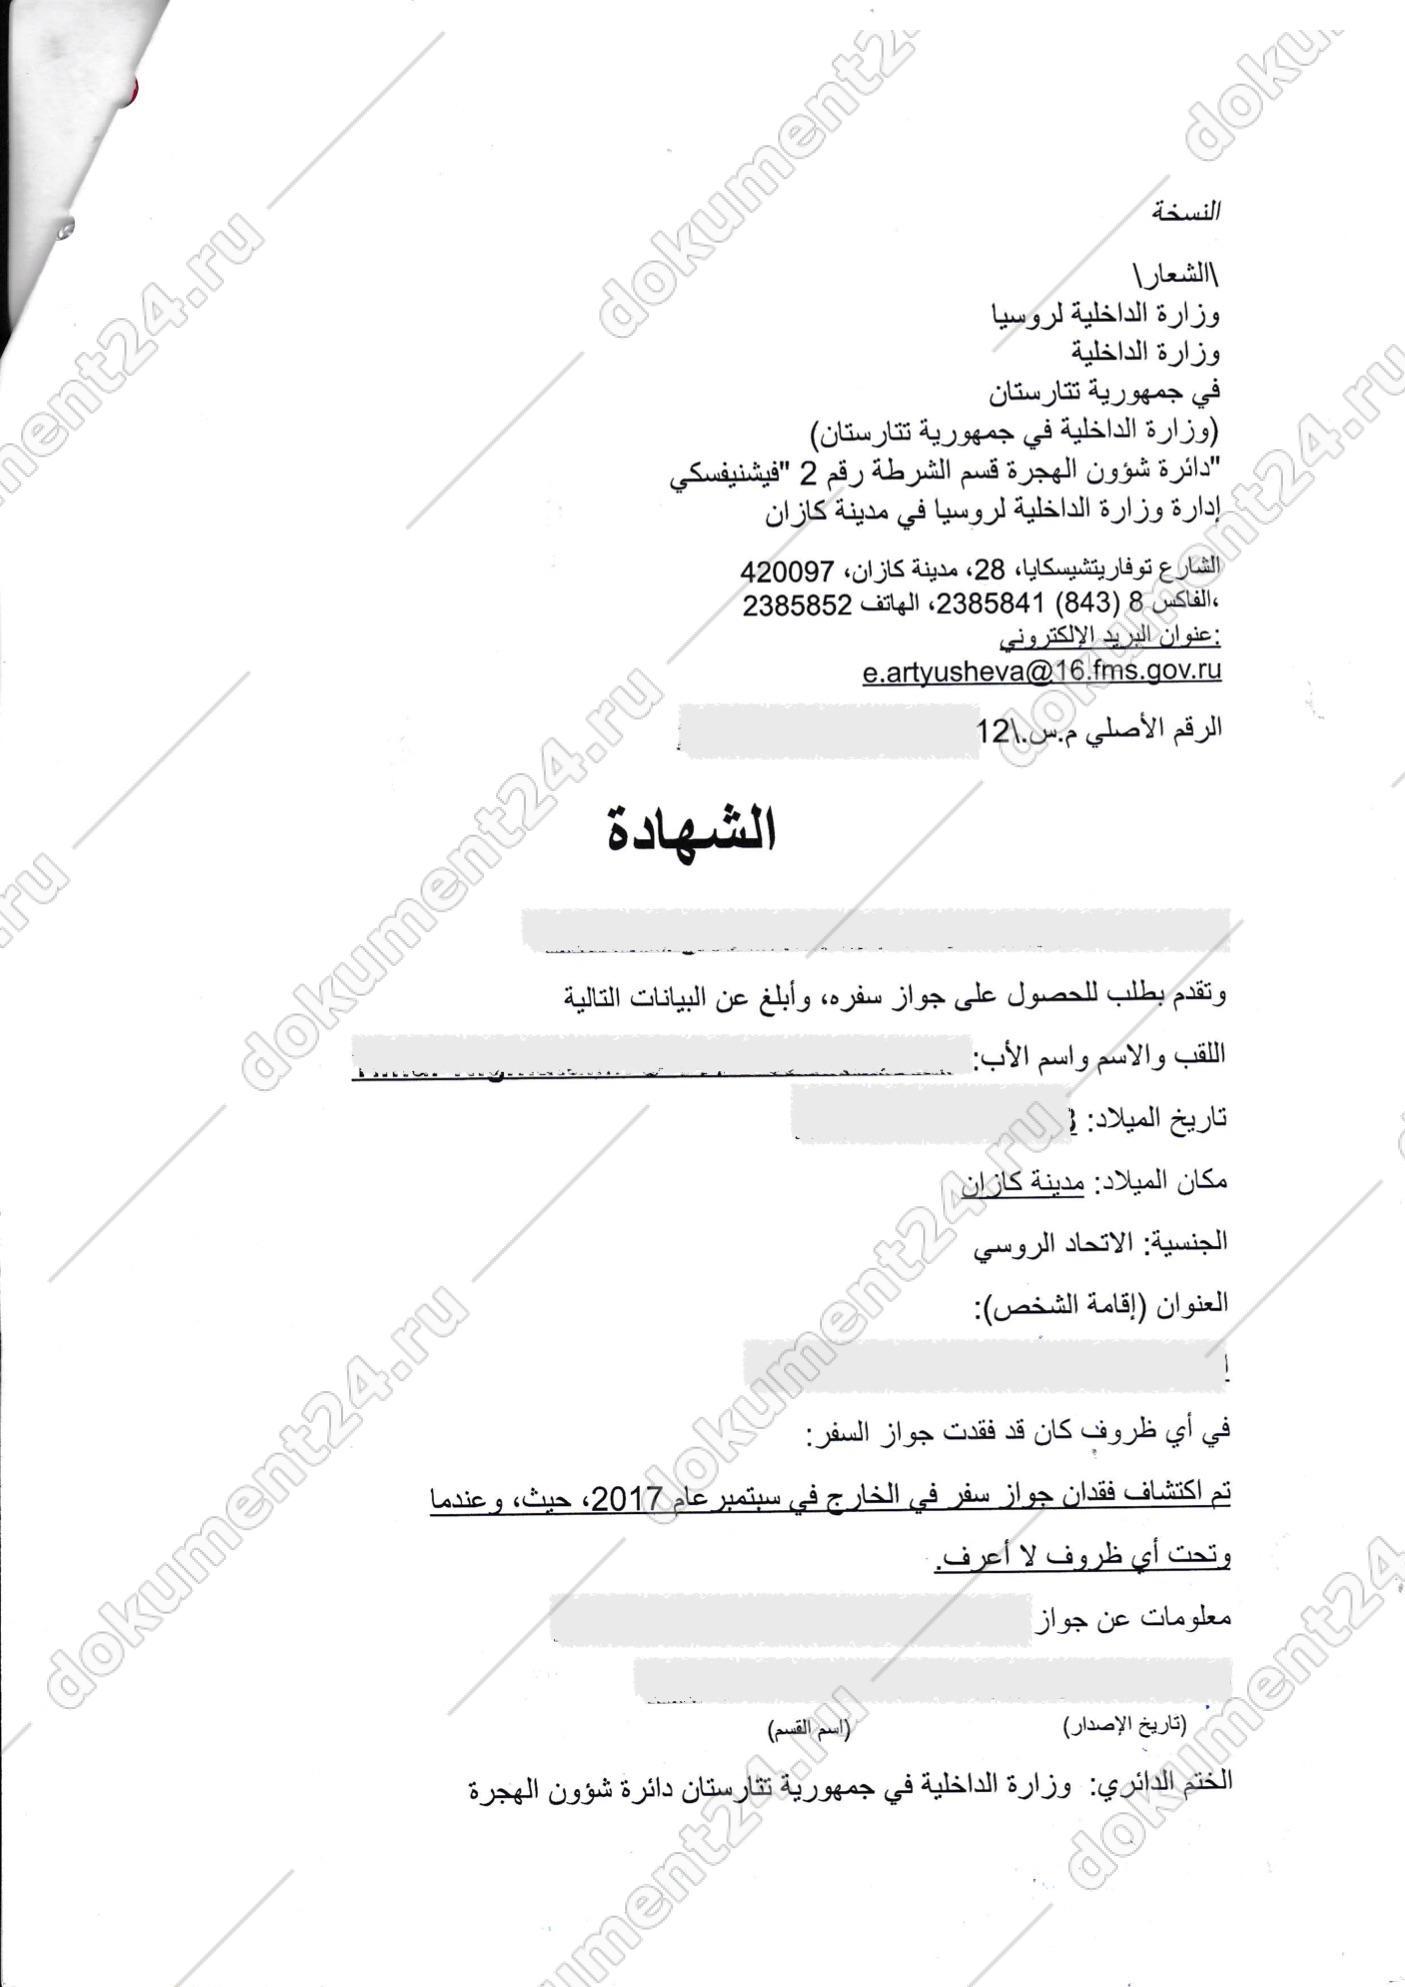 spravka pasport perevod arabskii